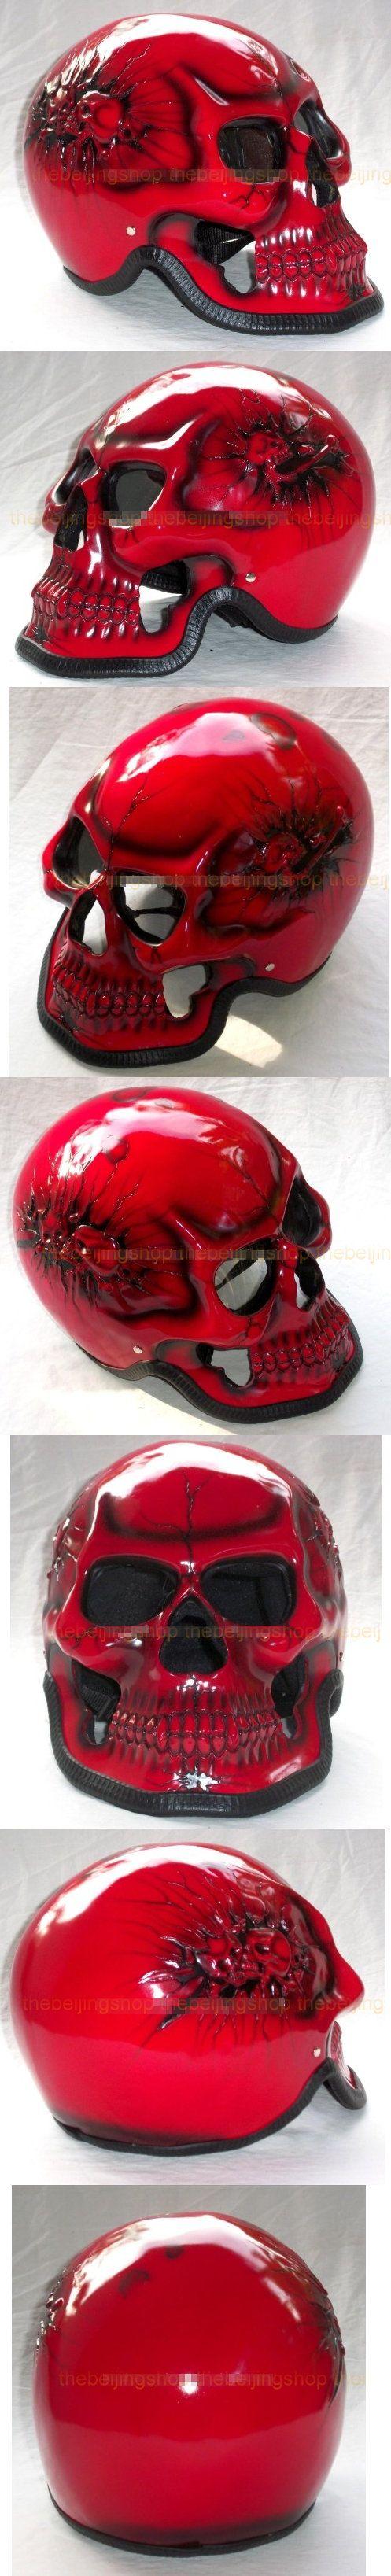 Red Ghost Skull Skeleton Full Face Motorcycle Helmet